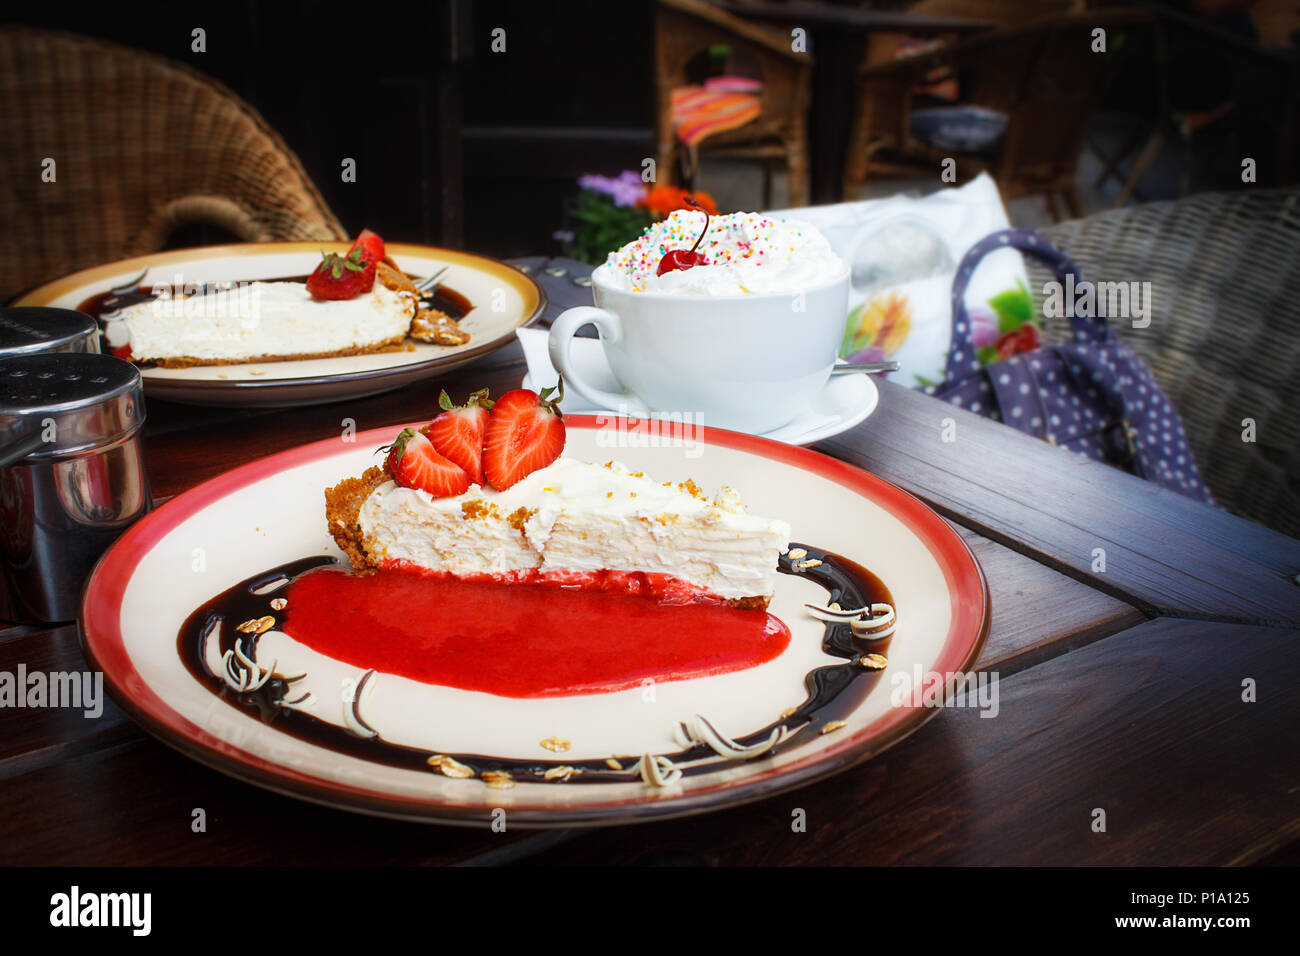 Käsekuchen mit frischen Erdbeeren auf Platte und einer Tasse Wiener Kaffee mit Schlagsahne auf braunem Holz- Tabelle in einen Außenpool im Sommer Cafe. Entspannen gemütliche Altstadtatmosphäre. offee brechen, Dessert. Stockbild